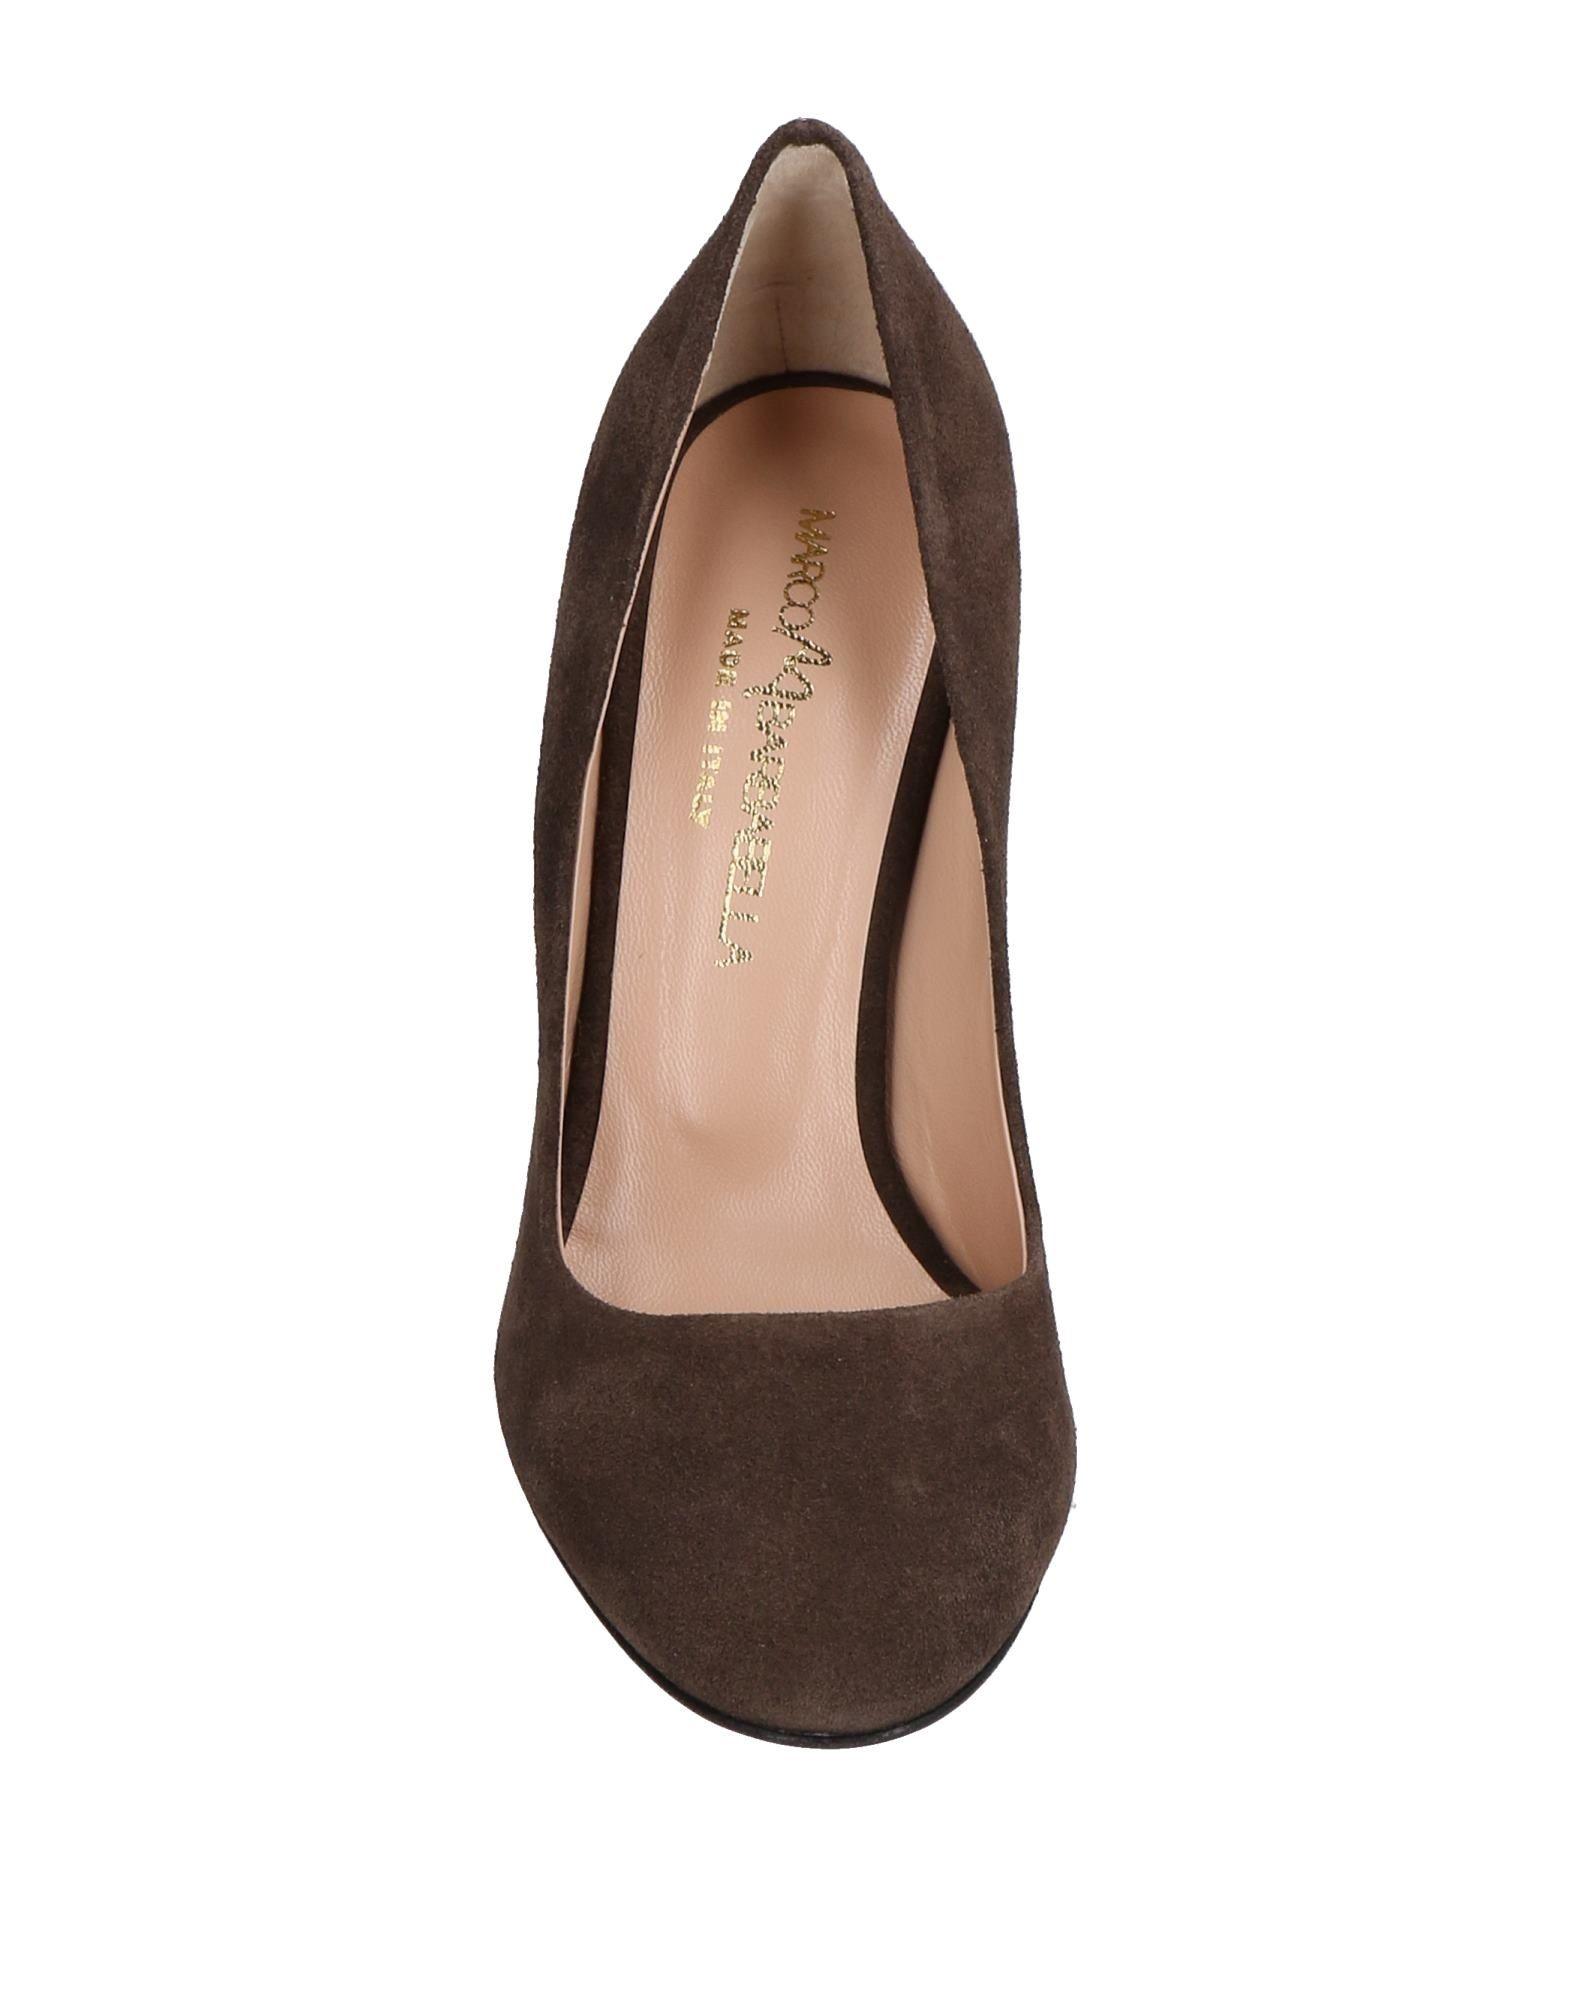 Stilvolle billige Schuhe  Marco Barbabella Pumps Damen  Schuhe 11499407HR e09f55